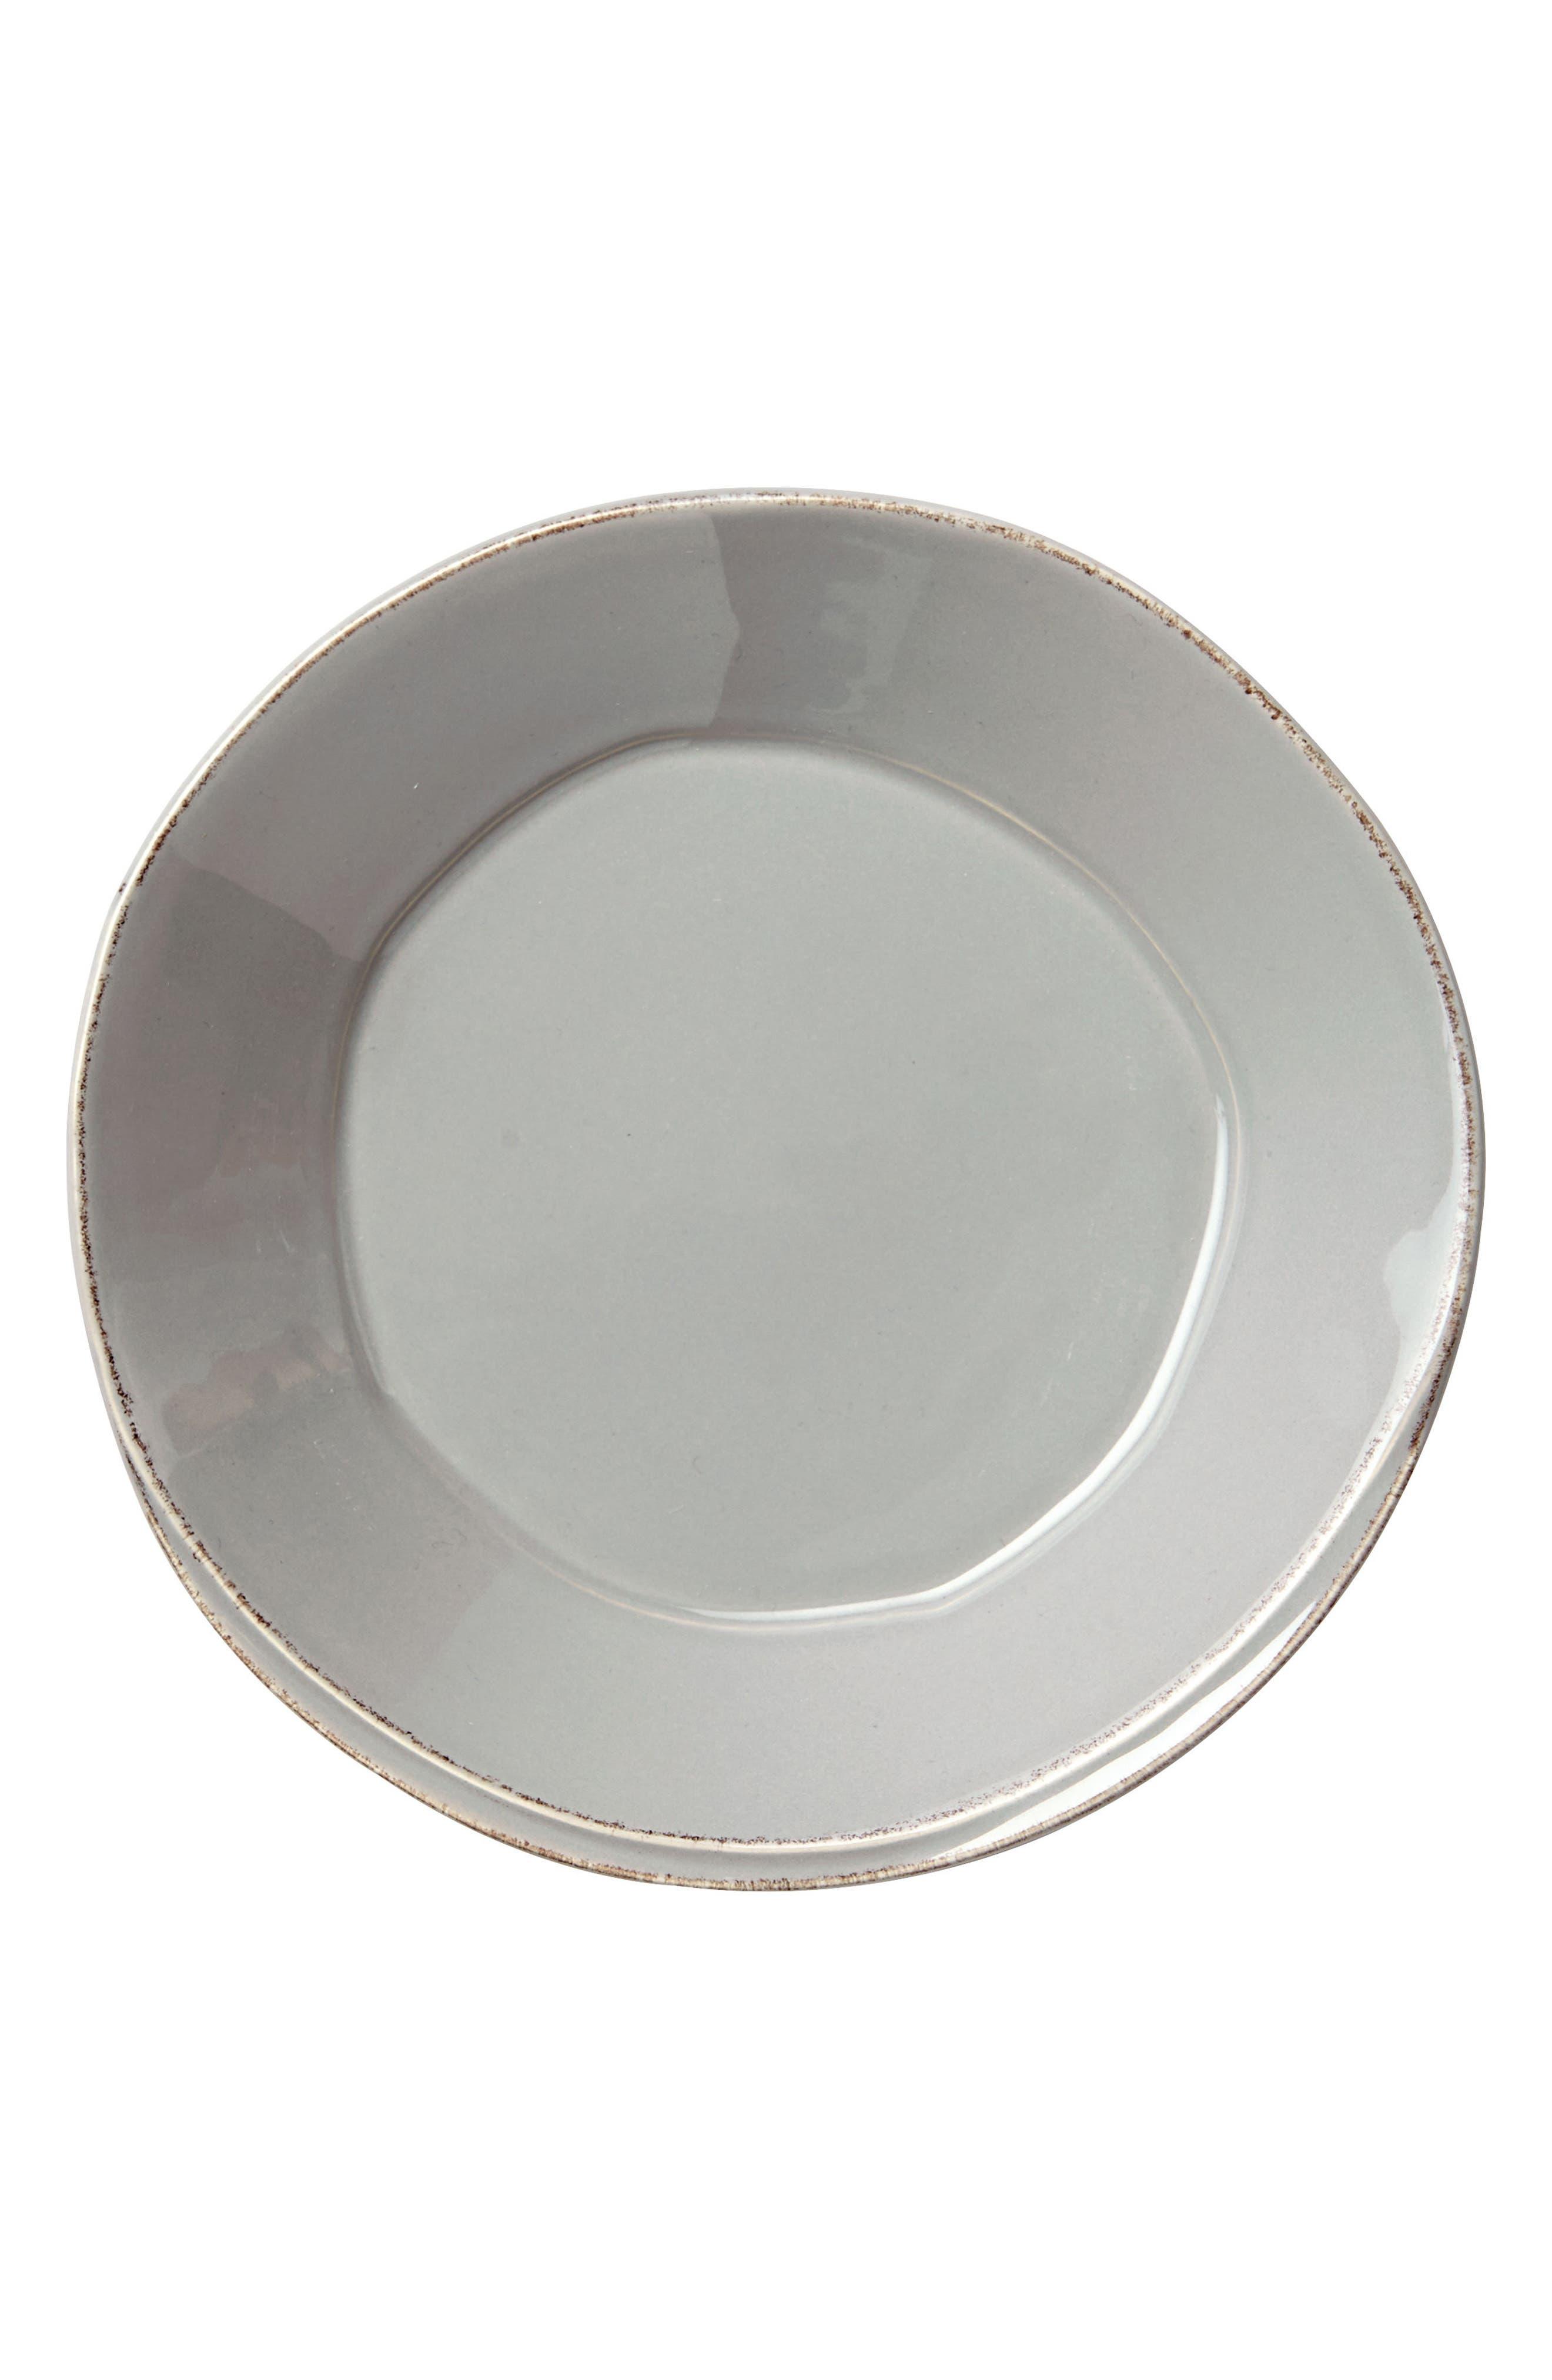 VIETRA Lastra Pasta Bowl,                         Main,                         color, 027